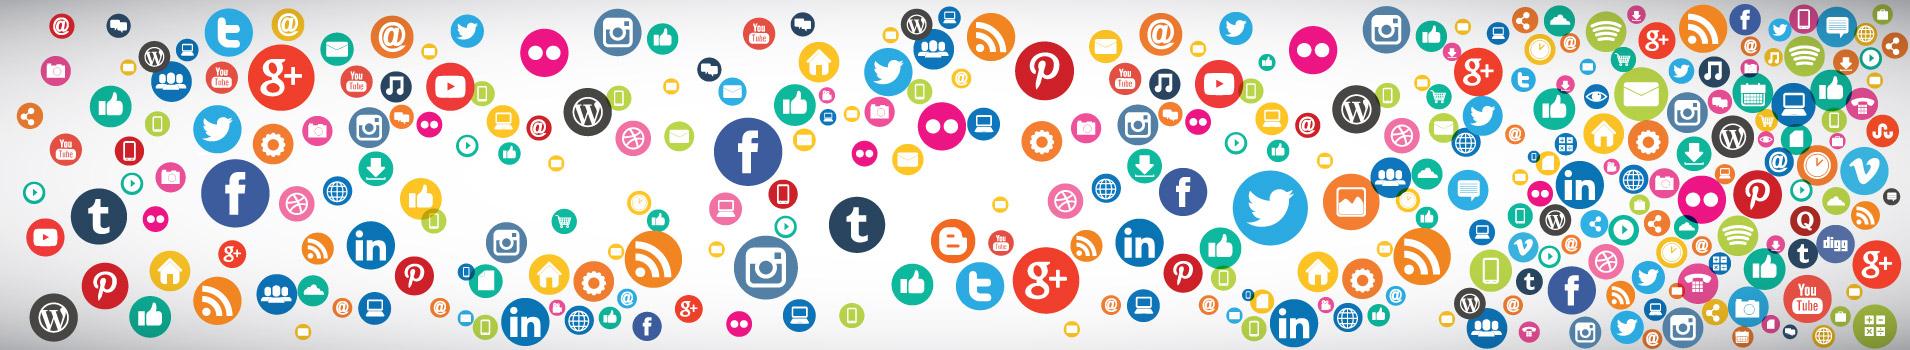 1stop-social-media